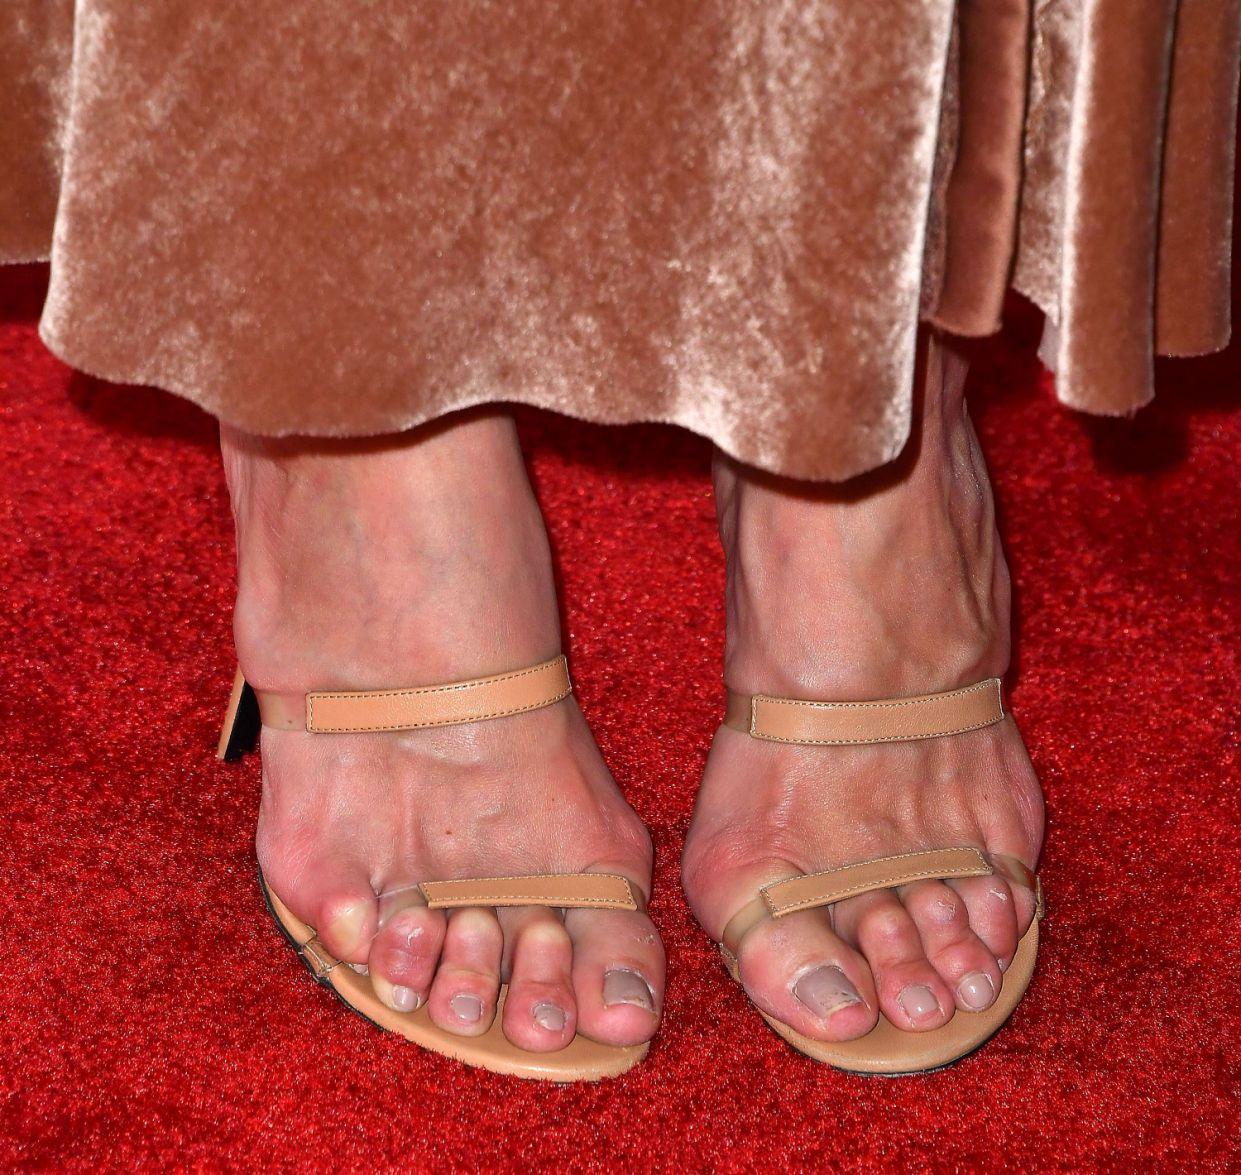 женские провалы при ношении обуви фото 5